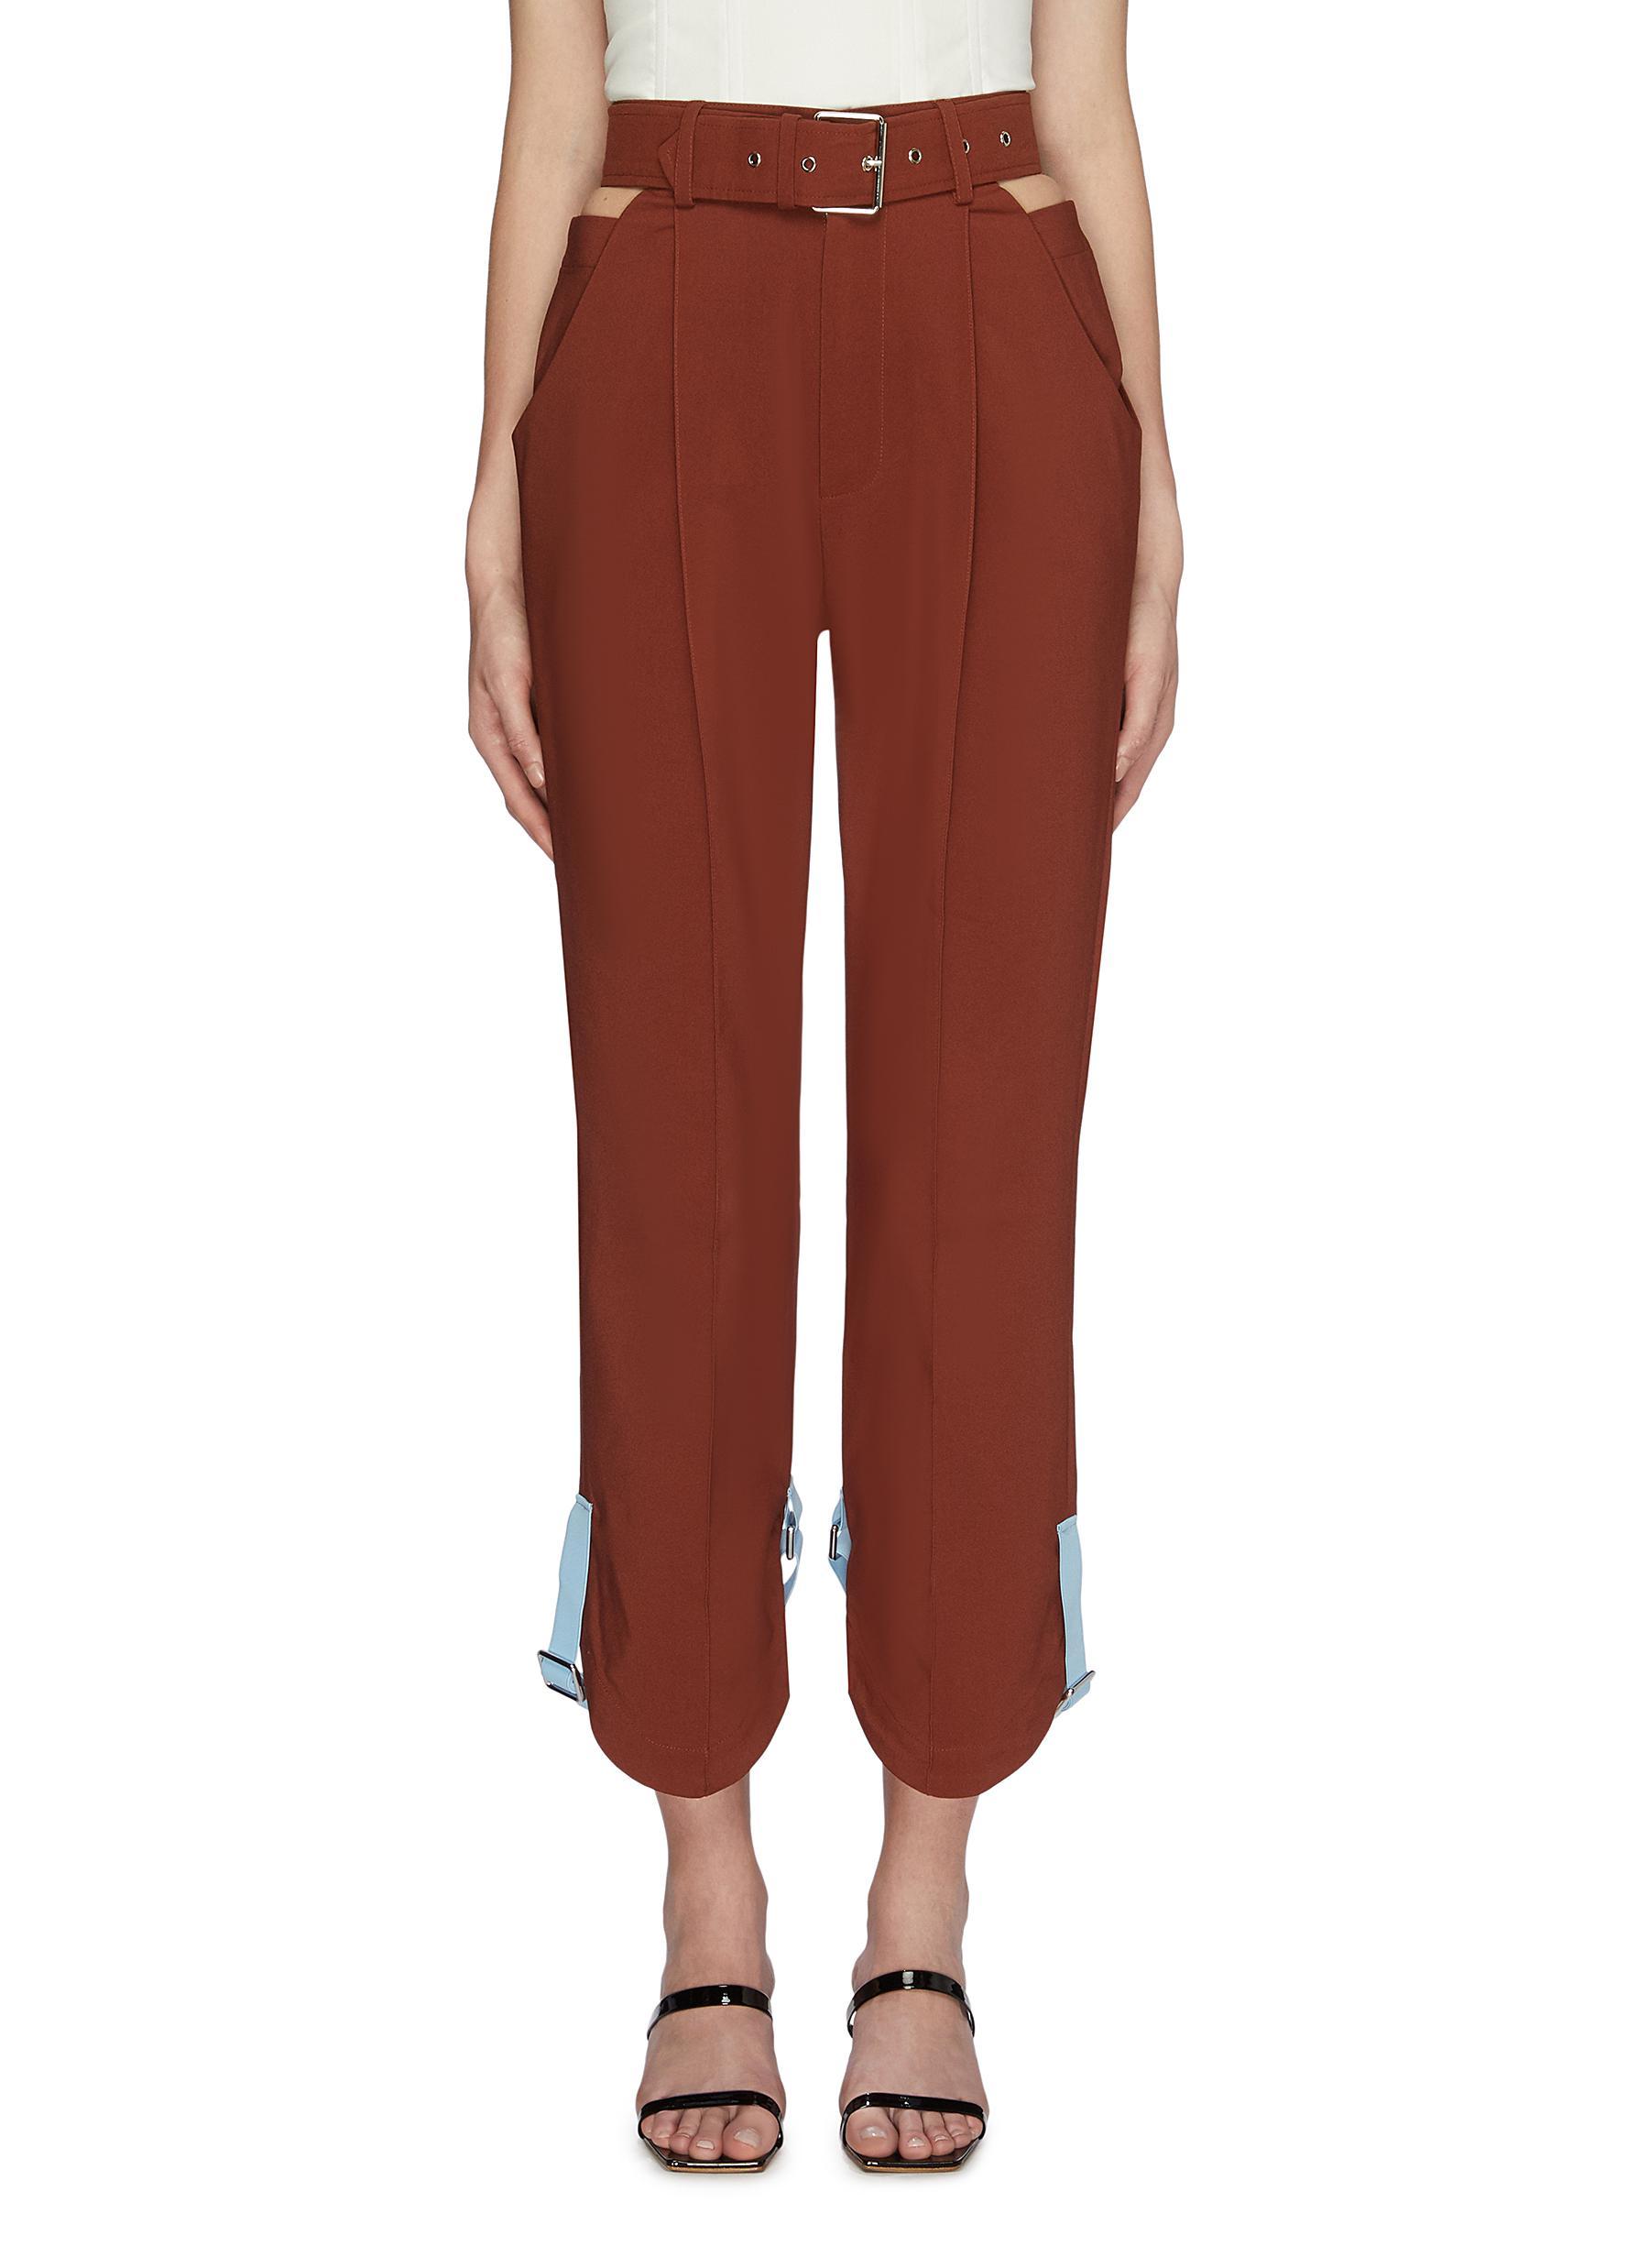 Belted colourblock cuff strap cutout side carrot pants by Maya Li